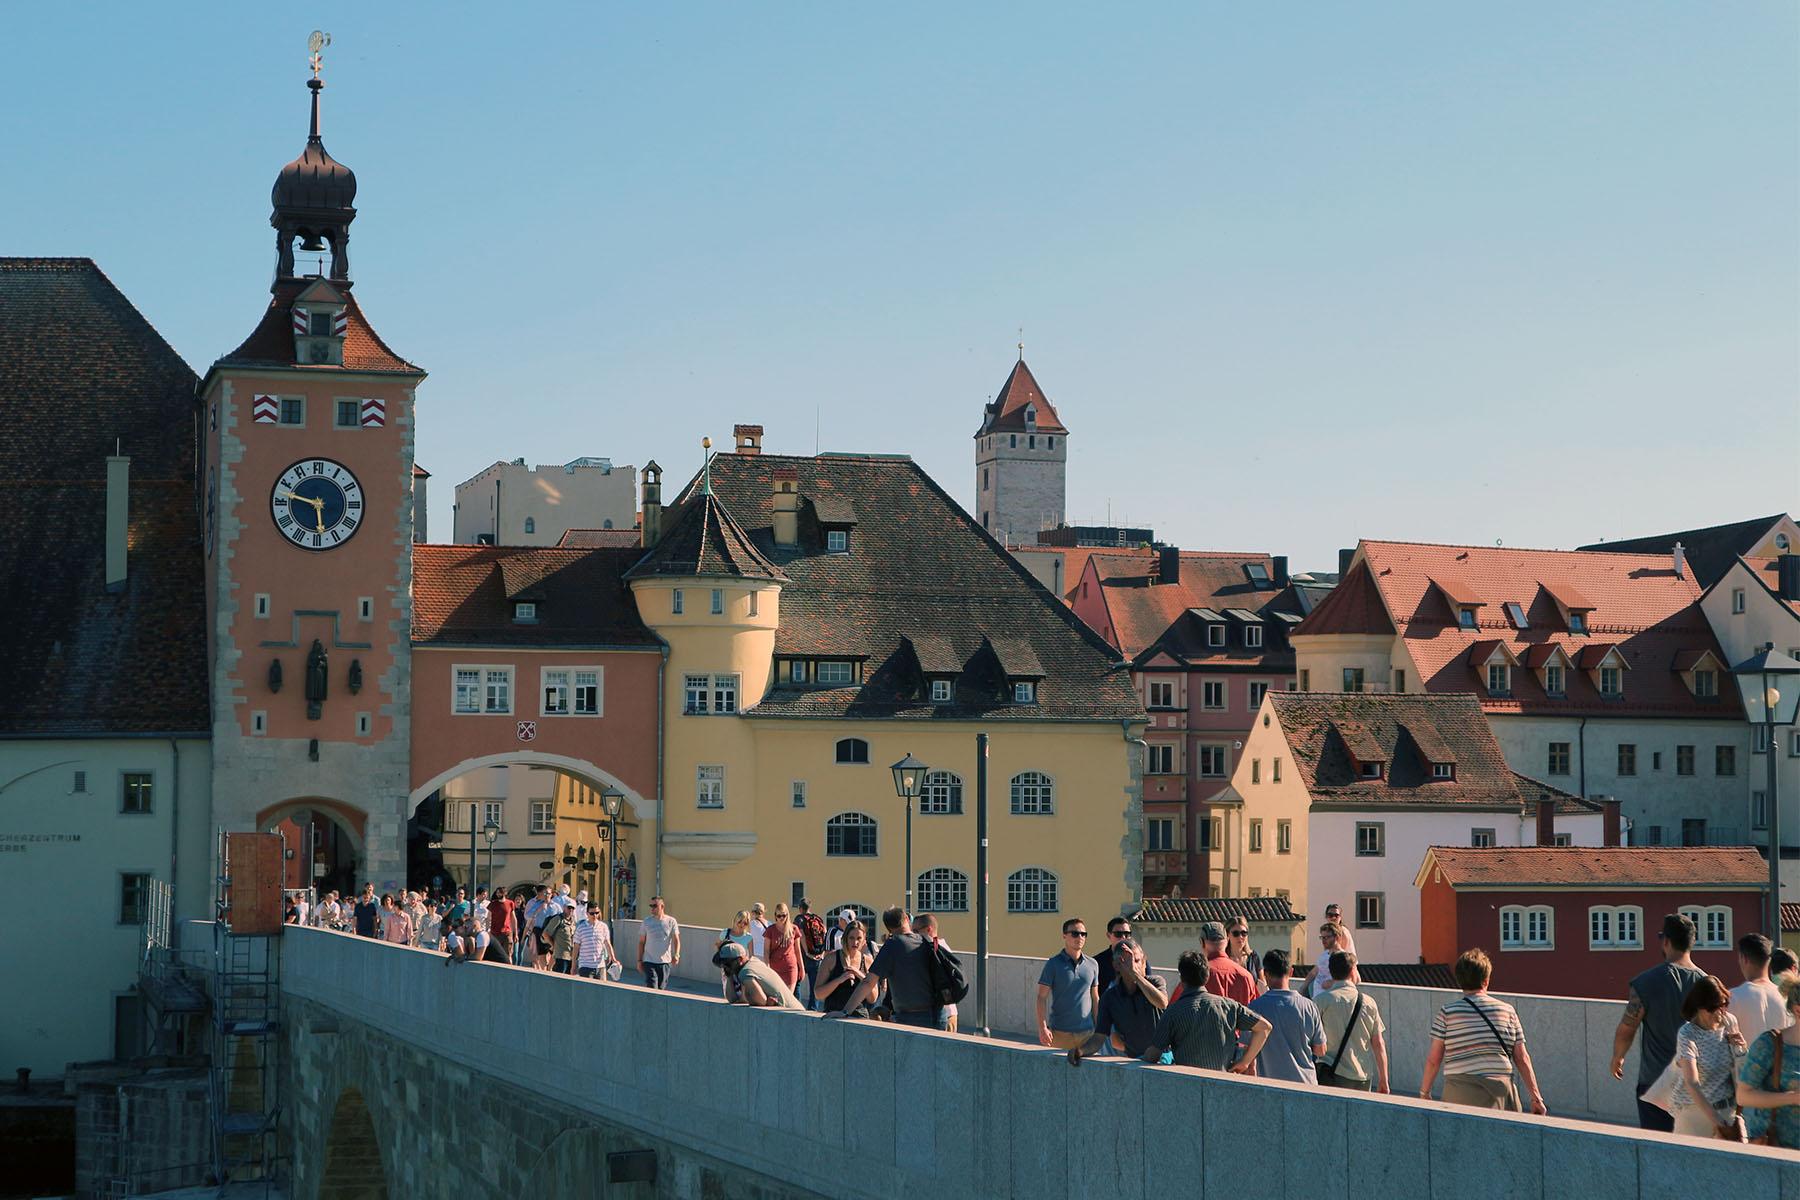 Brücke. Die Steinerne Brücke (Bauzeit 1135–1146) im romanischen Stil, dahinter der Salzstadel und das Stadttor.